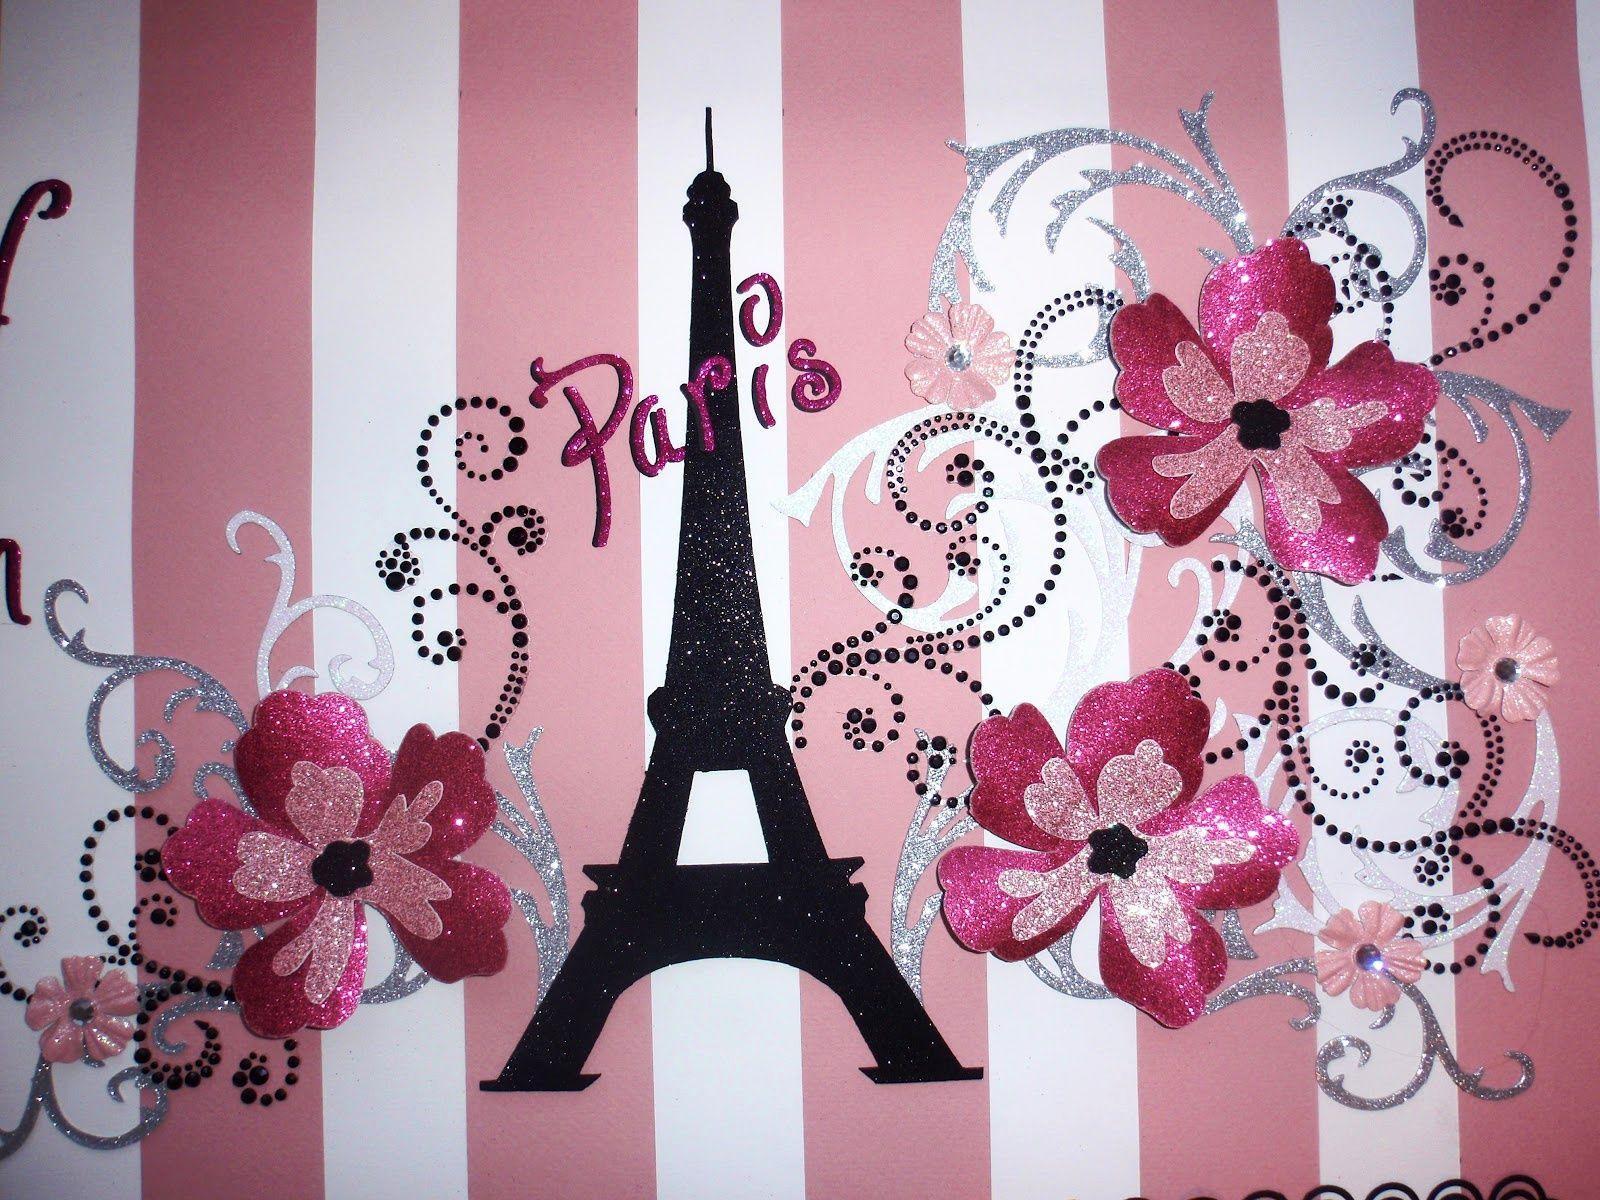 Wallpapers Paris Pink Love - Wallpaper Cave